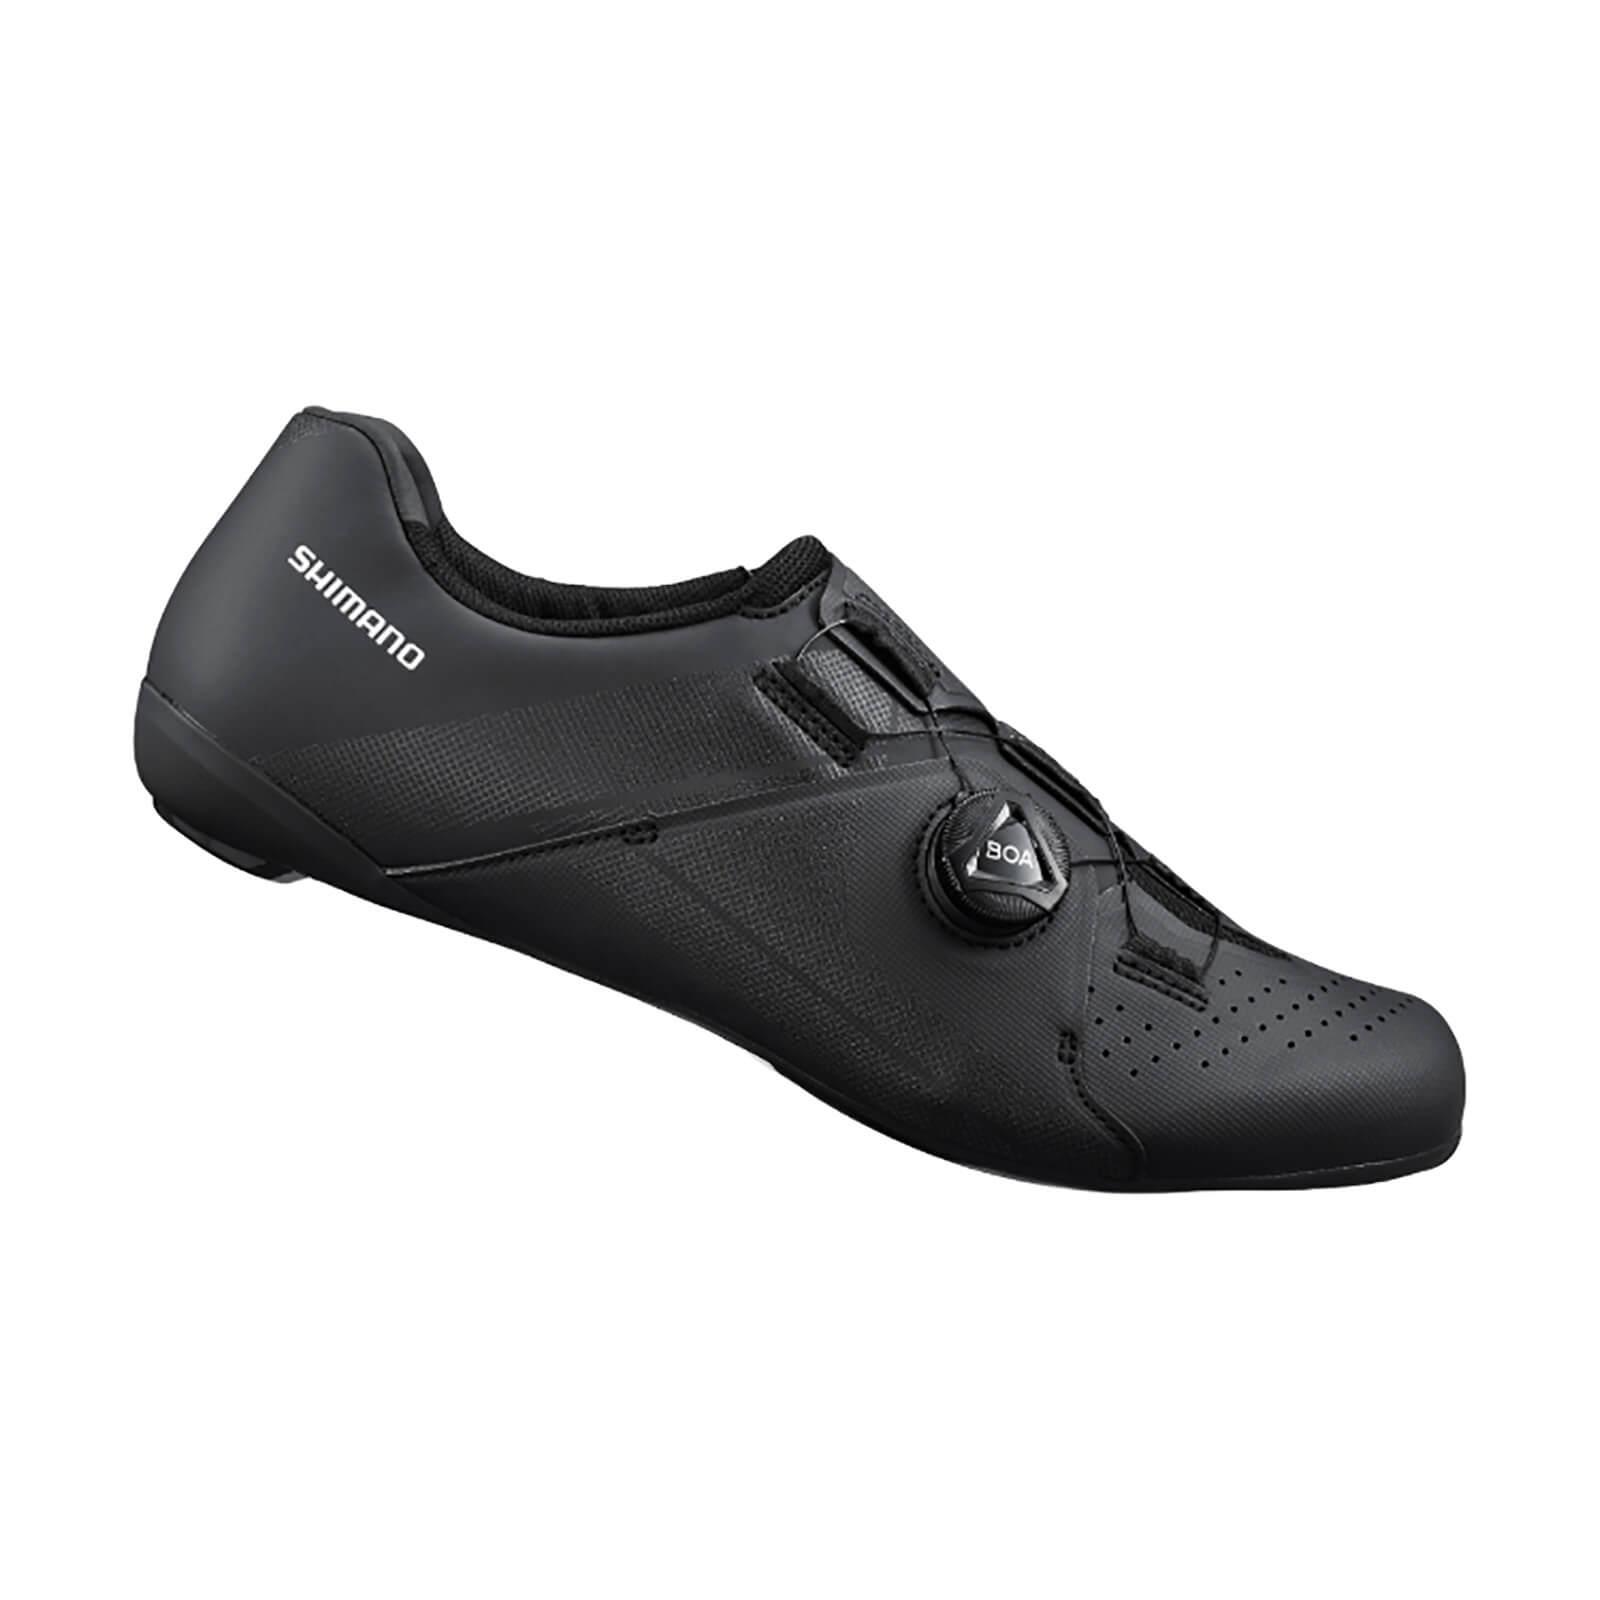 Shimano SH-RC300 Road Shoes - EU 48